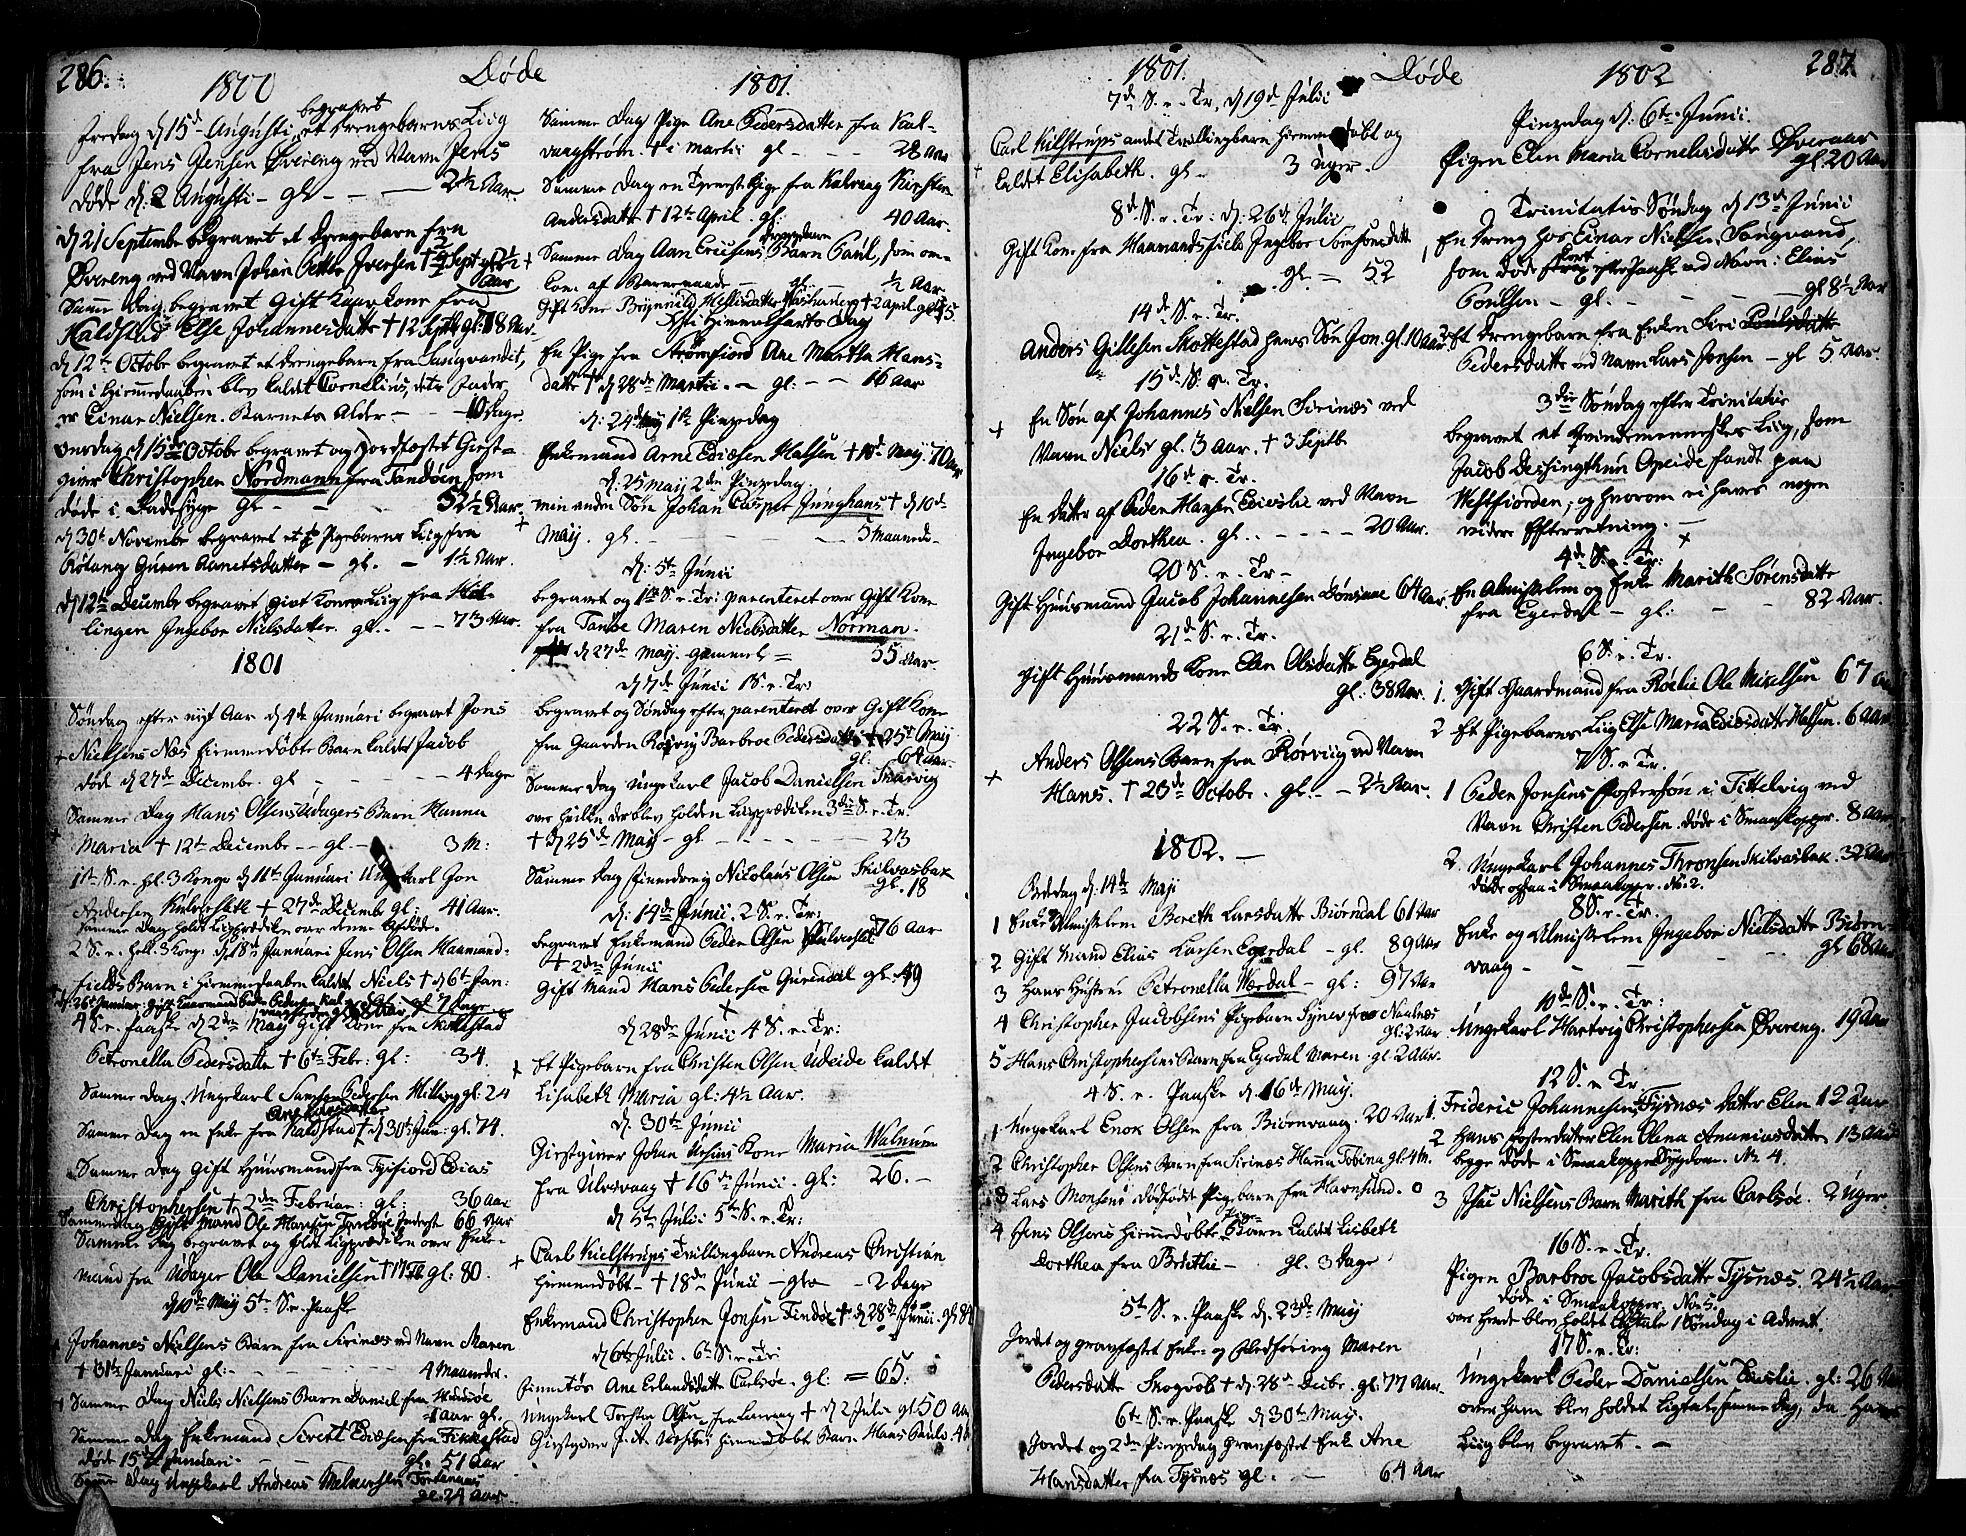 SAT, Ministerialprotokoller, klokkerbøker og fødselsregistre - Nordland, 859/L0841: Parish register (official) no. 859A01, 1766-1821, p. 286-287